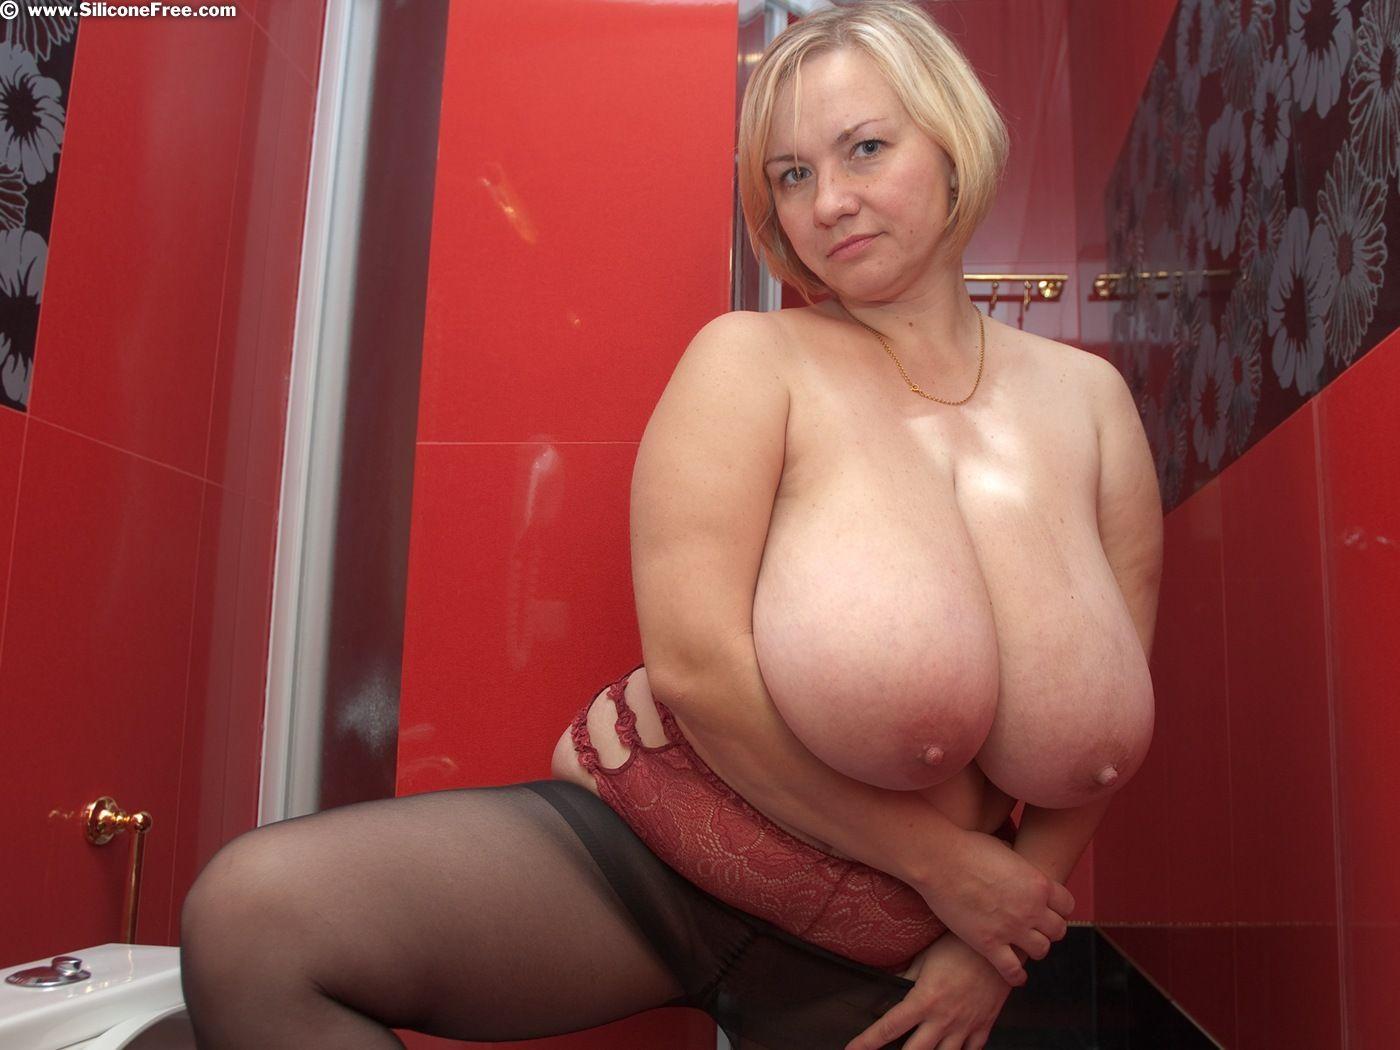 Фото сисек мамки, Фотки мамок с красивой грудью - секс порно фото 17 фотография